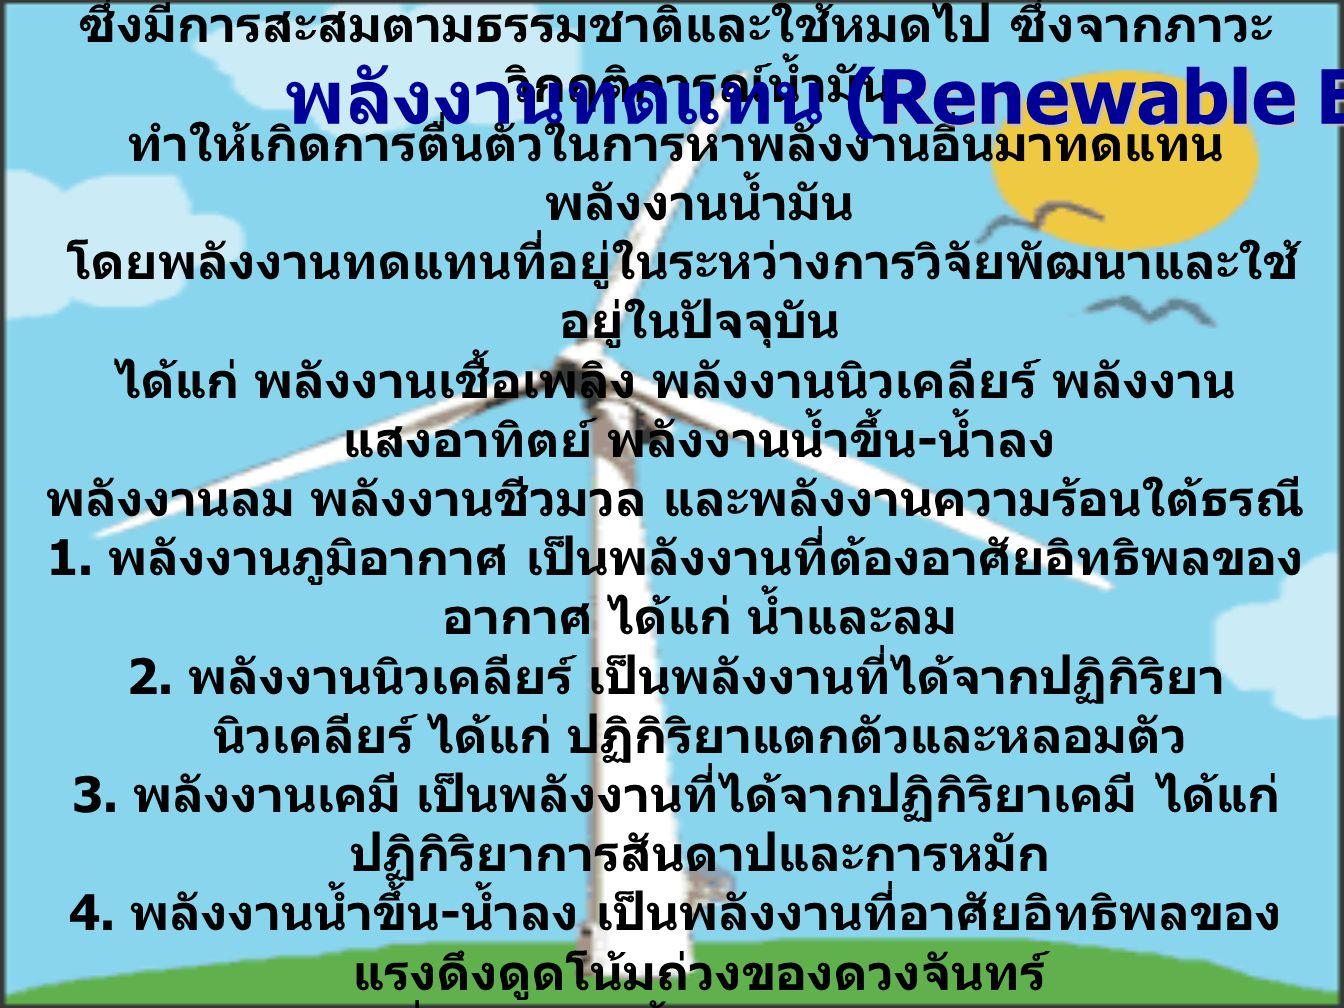 พลังงานทดแทน (Renewable Energy)